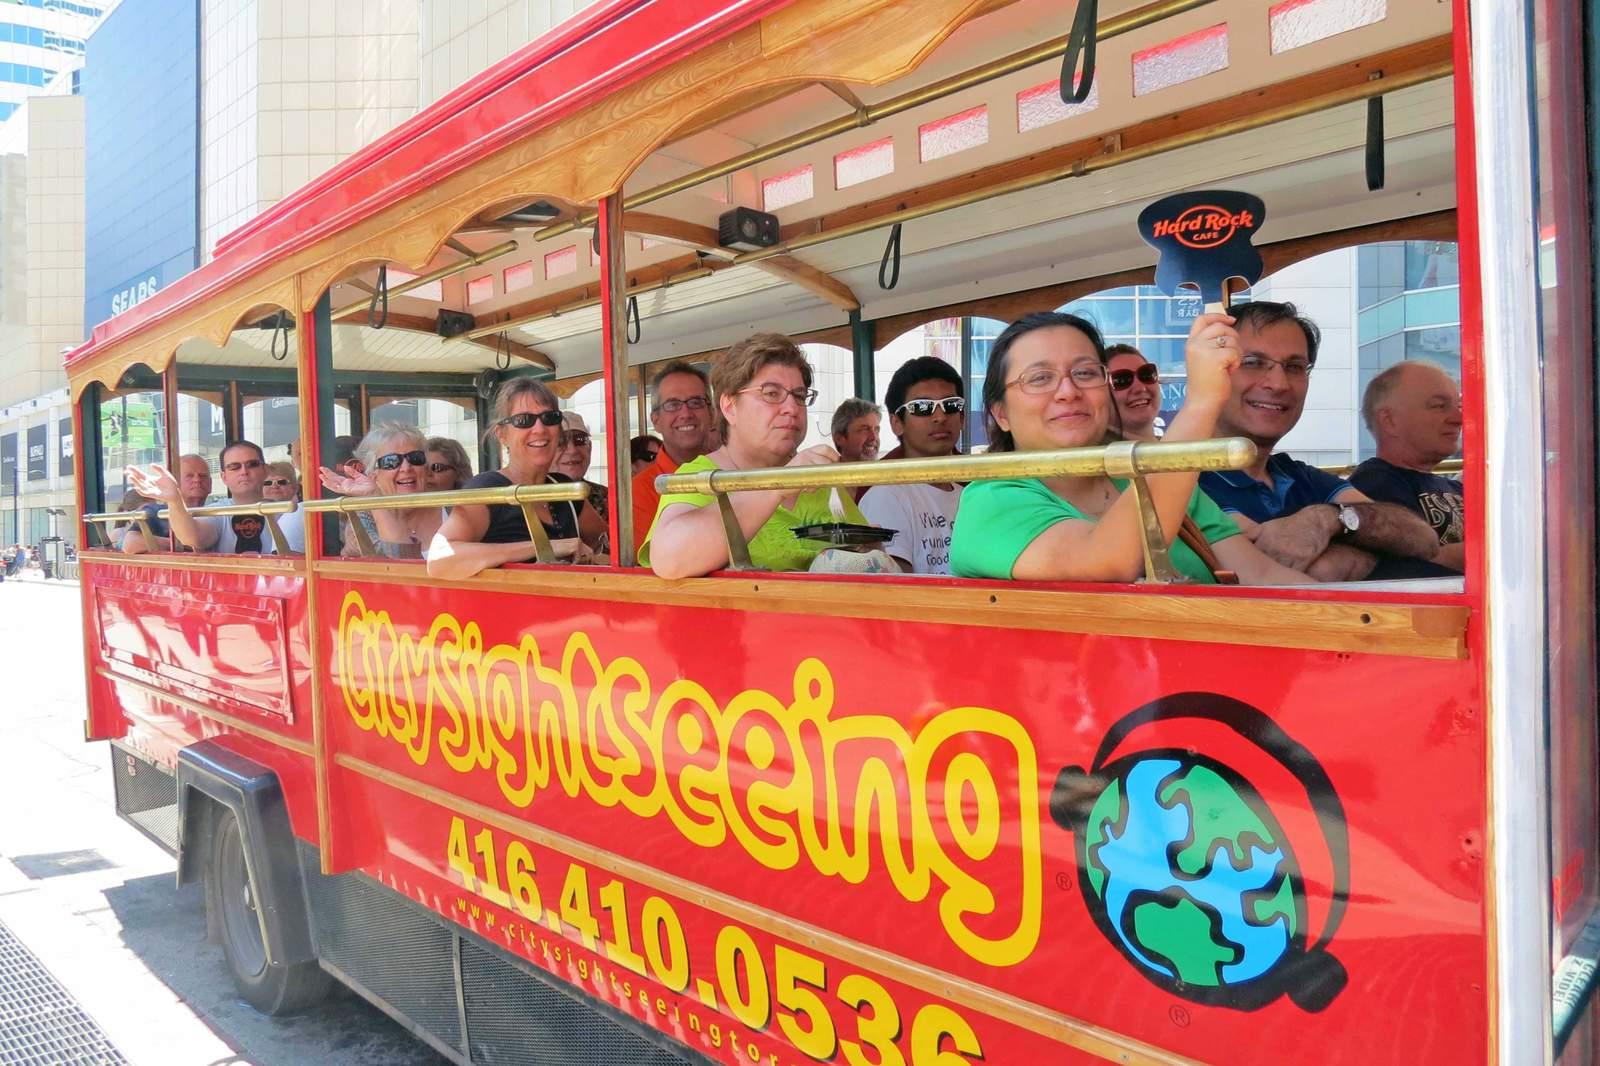 Toronto Stadtrundfahrt Step on - Step off, Touristen im City-Sightseeing-Bus